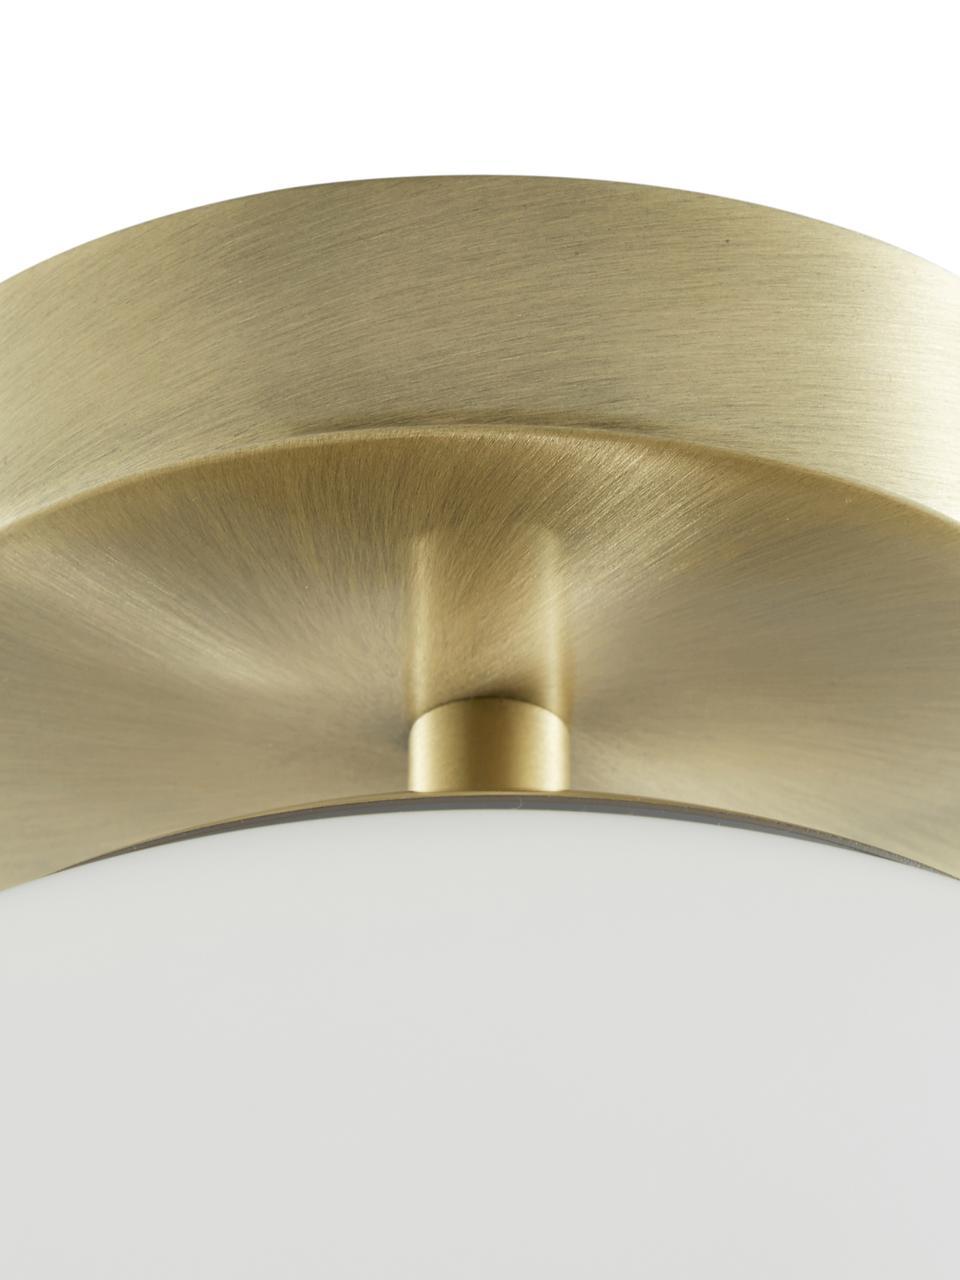 Lampada da soffitto in vetro Hitch, Paralume: vetro, Baldacchino e rilegatura: ottone opaco Paralume: bianco, Ø 25 x Alt. 30 cm